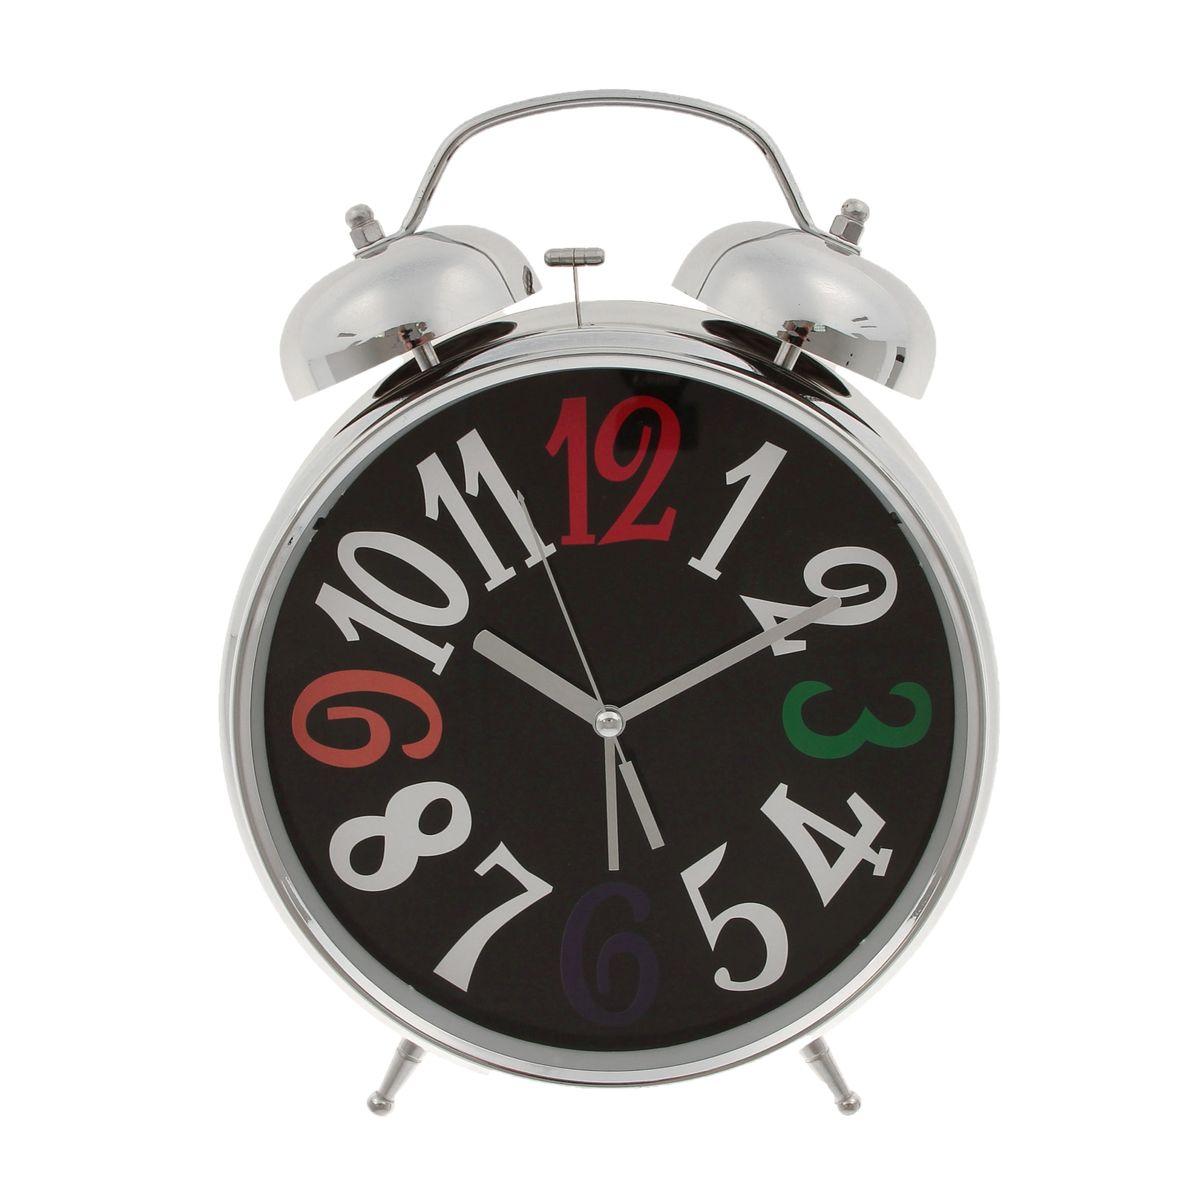 будильник большой хром с подсветкой 3,6,9,12 разноцветные 2 звоночка d23см 72087292266Металл,стекло